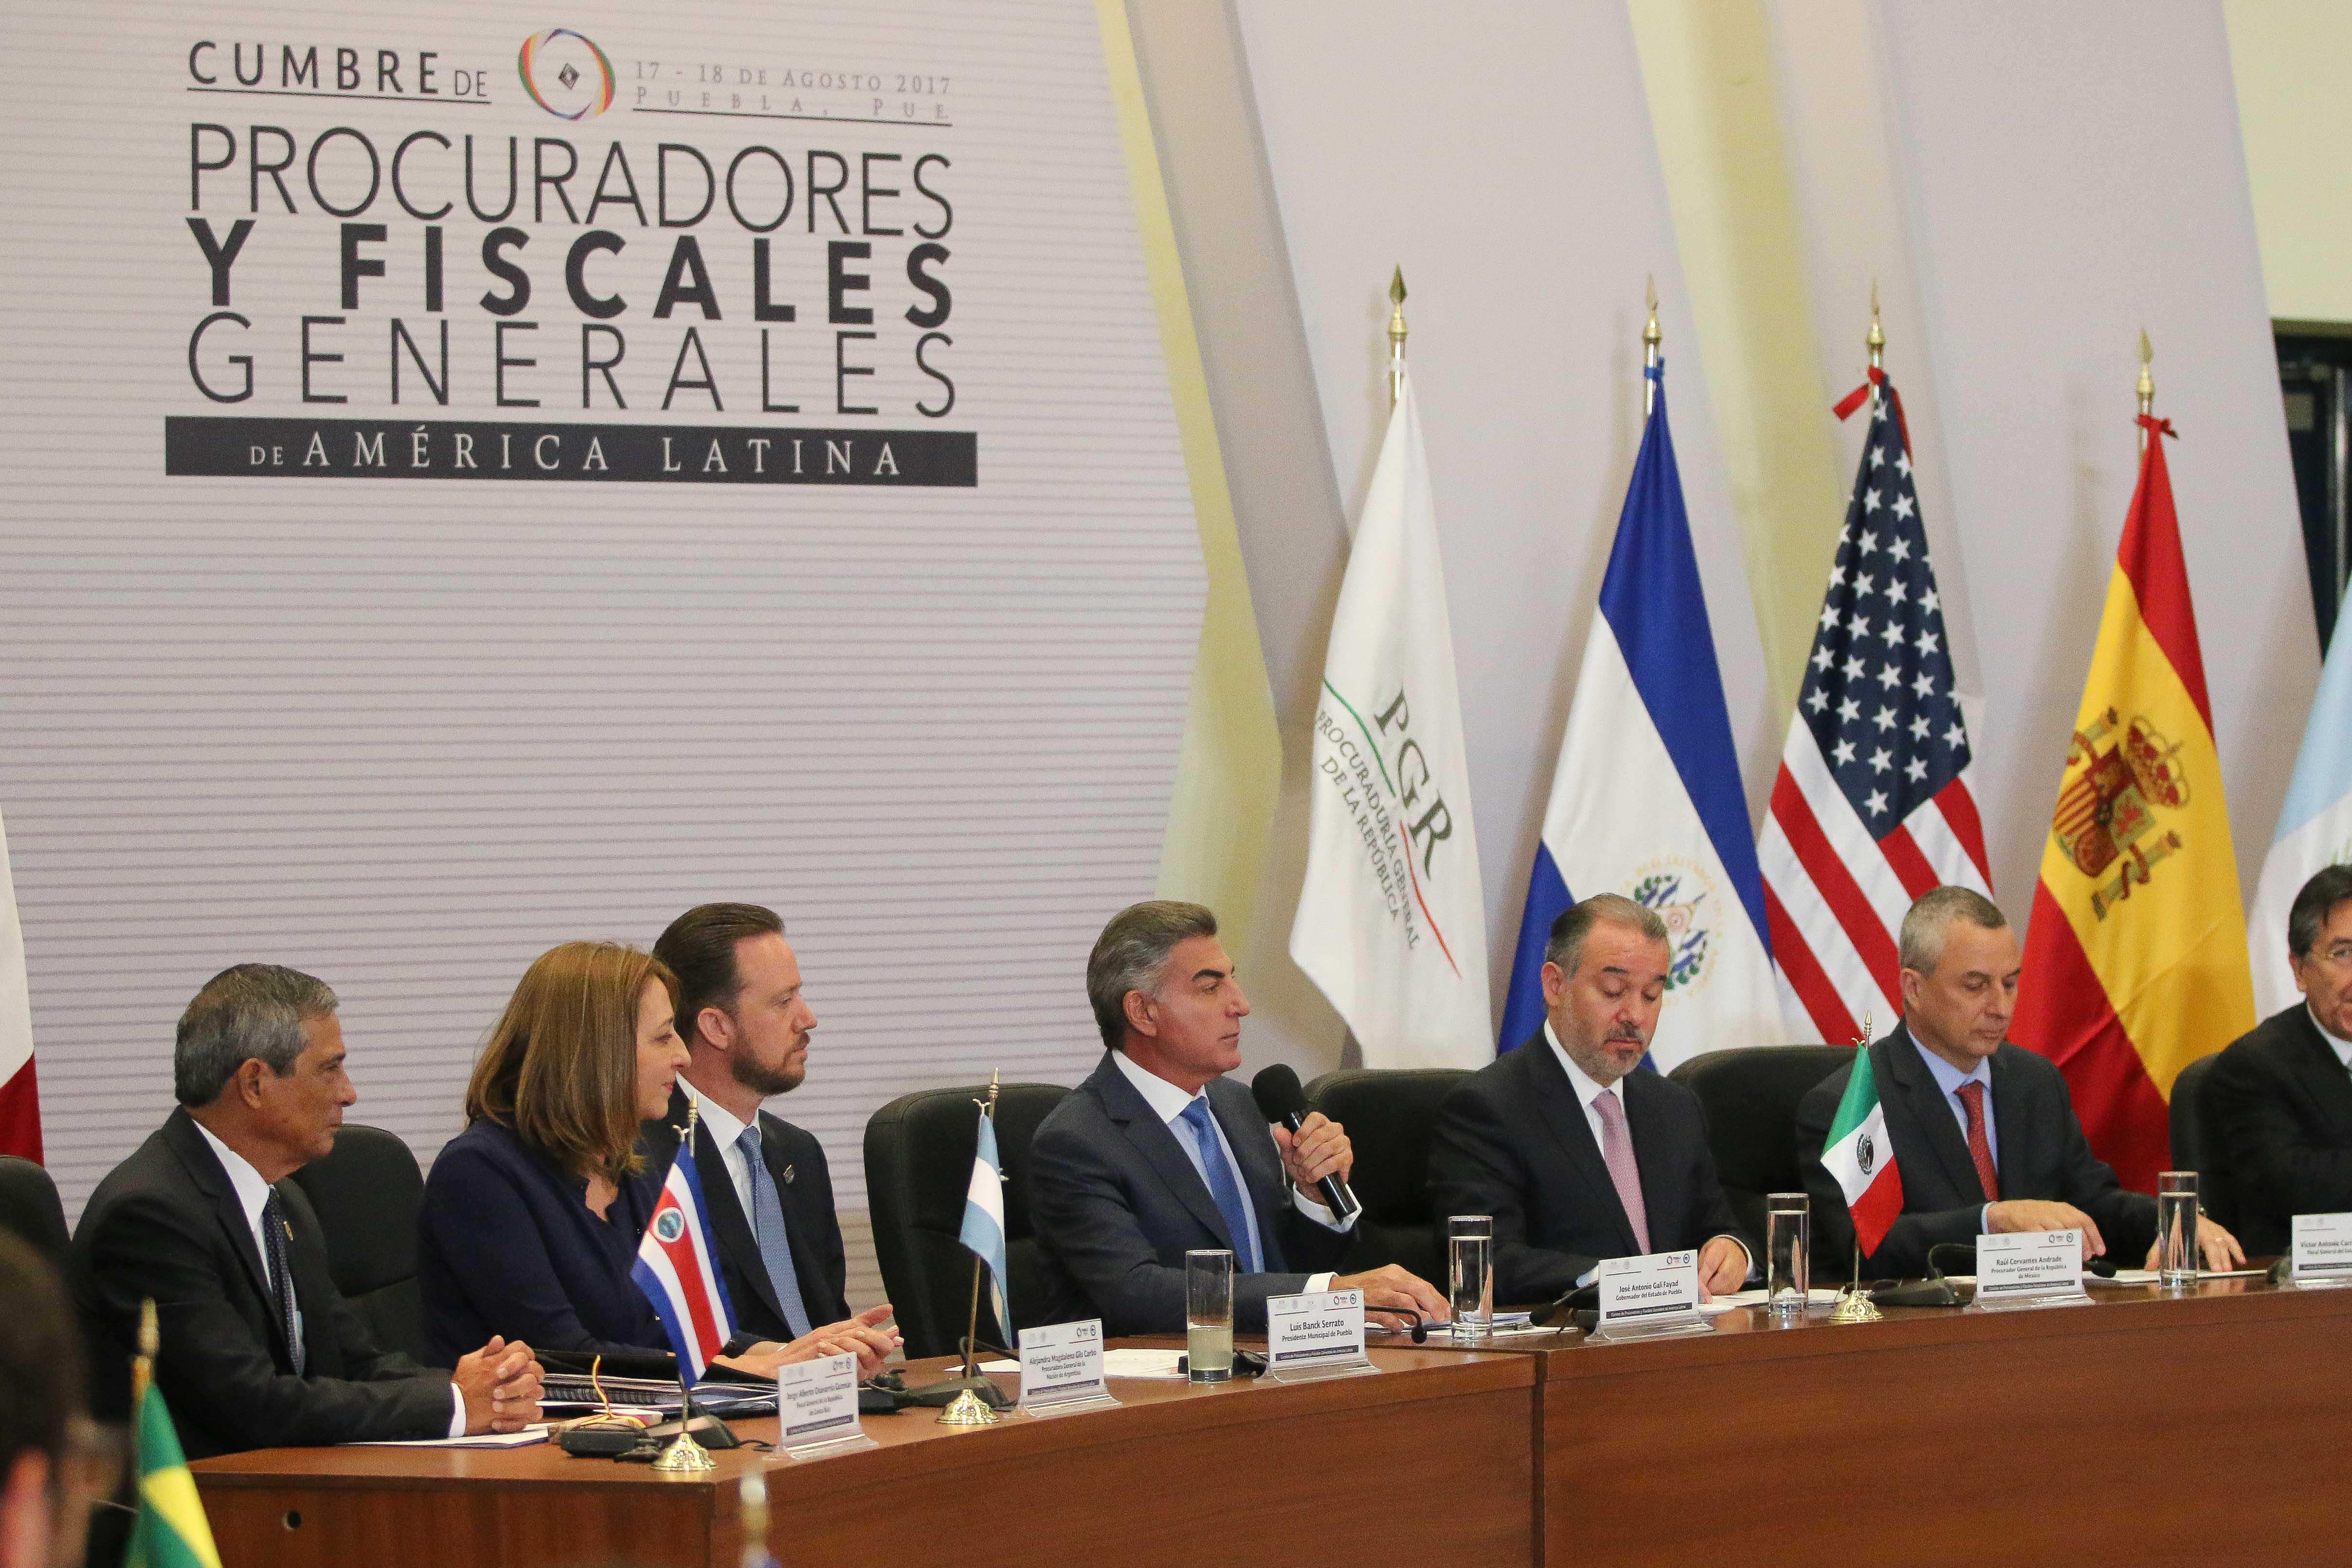 Raúl Cervantes y Antonio Gali clausuran la Cumbre de Fiscales